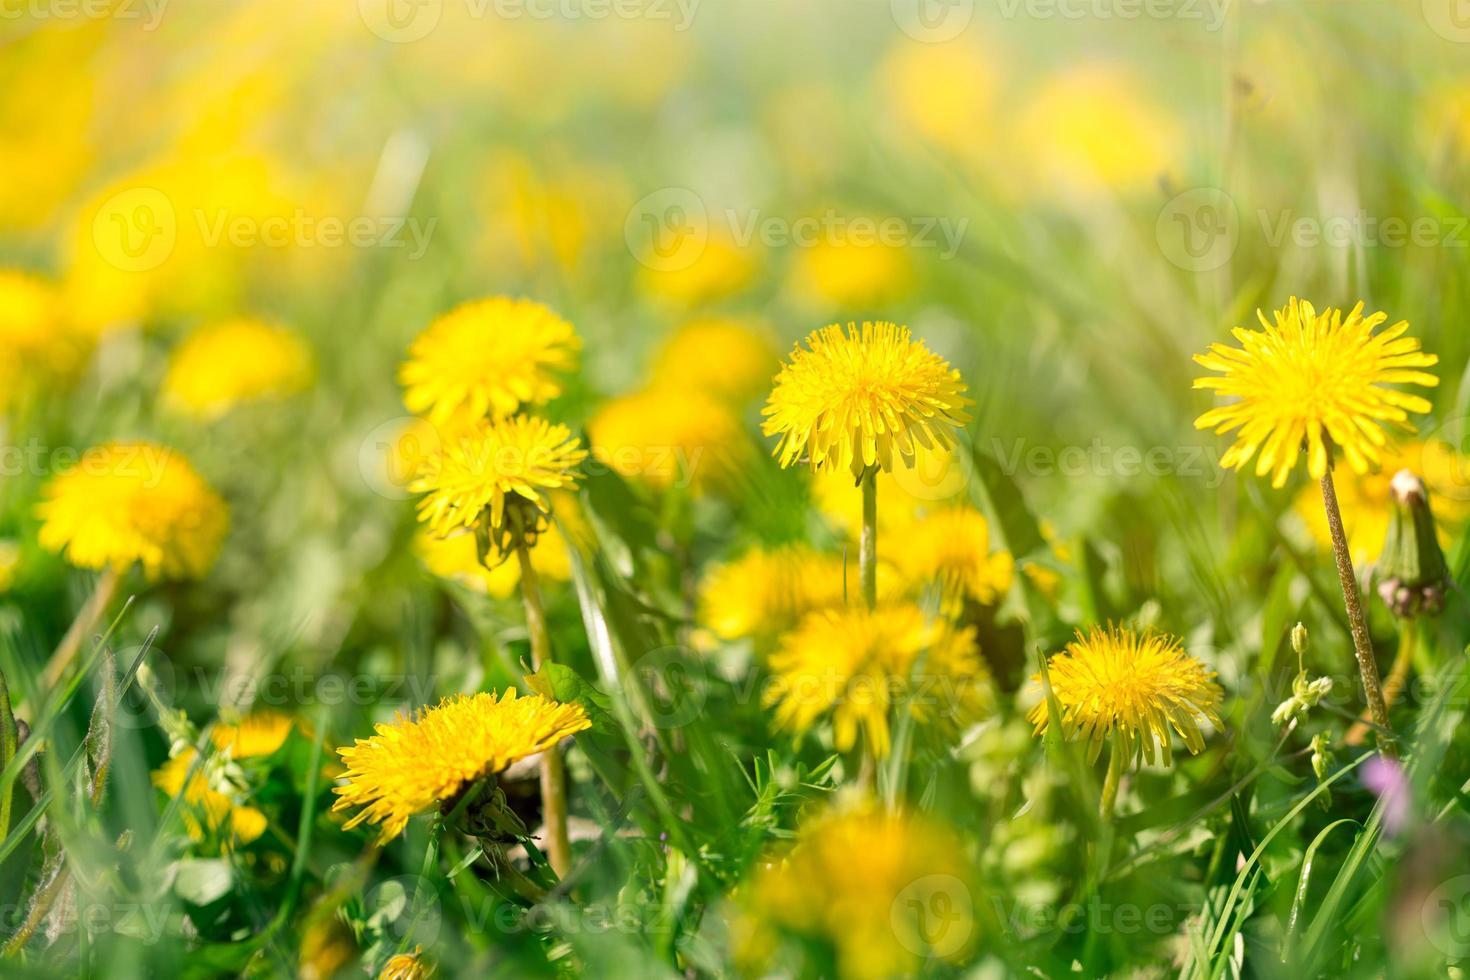 fiore di primavera - fiori di tarassaco foto